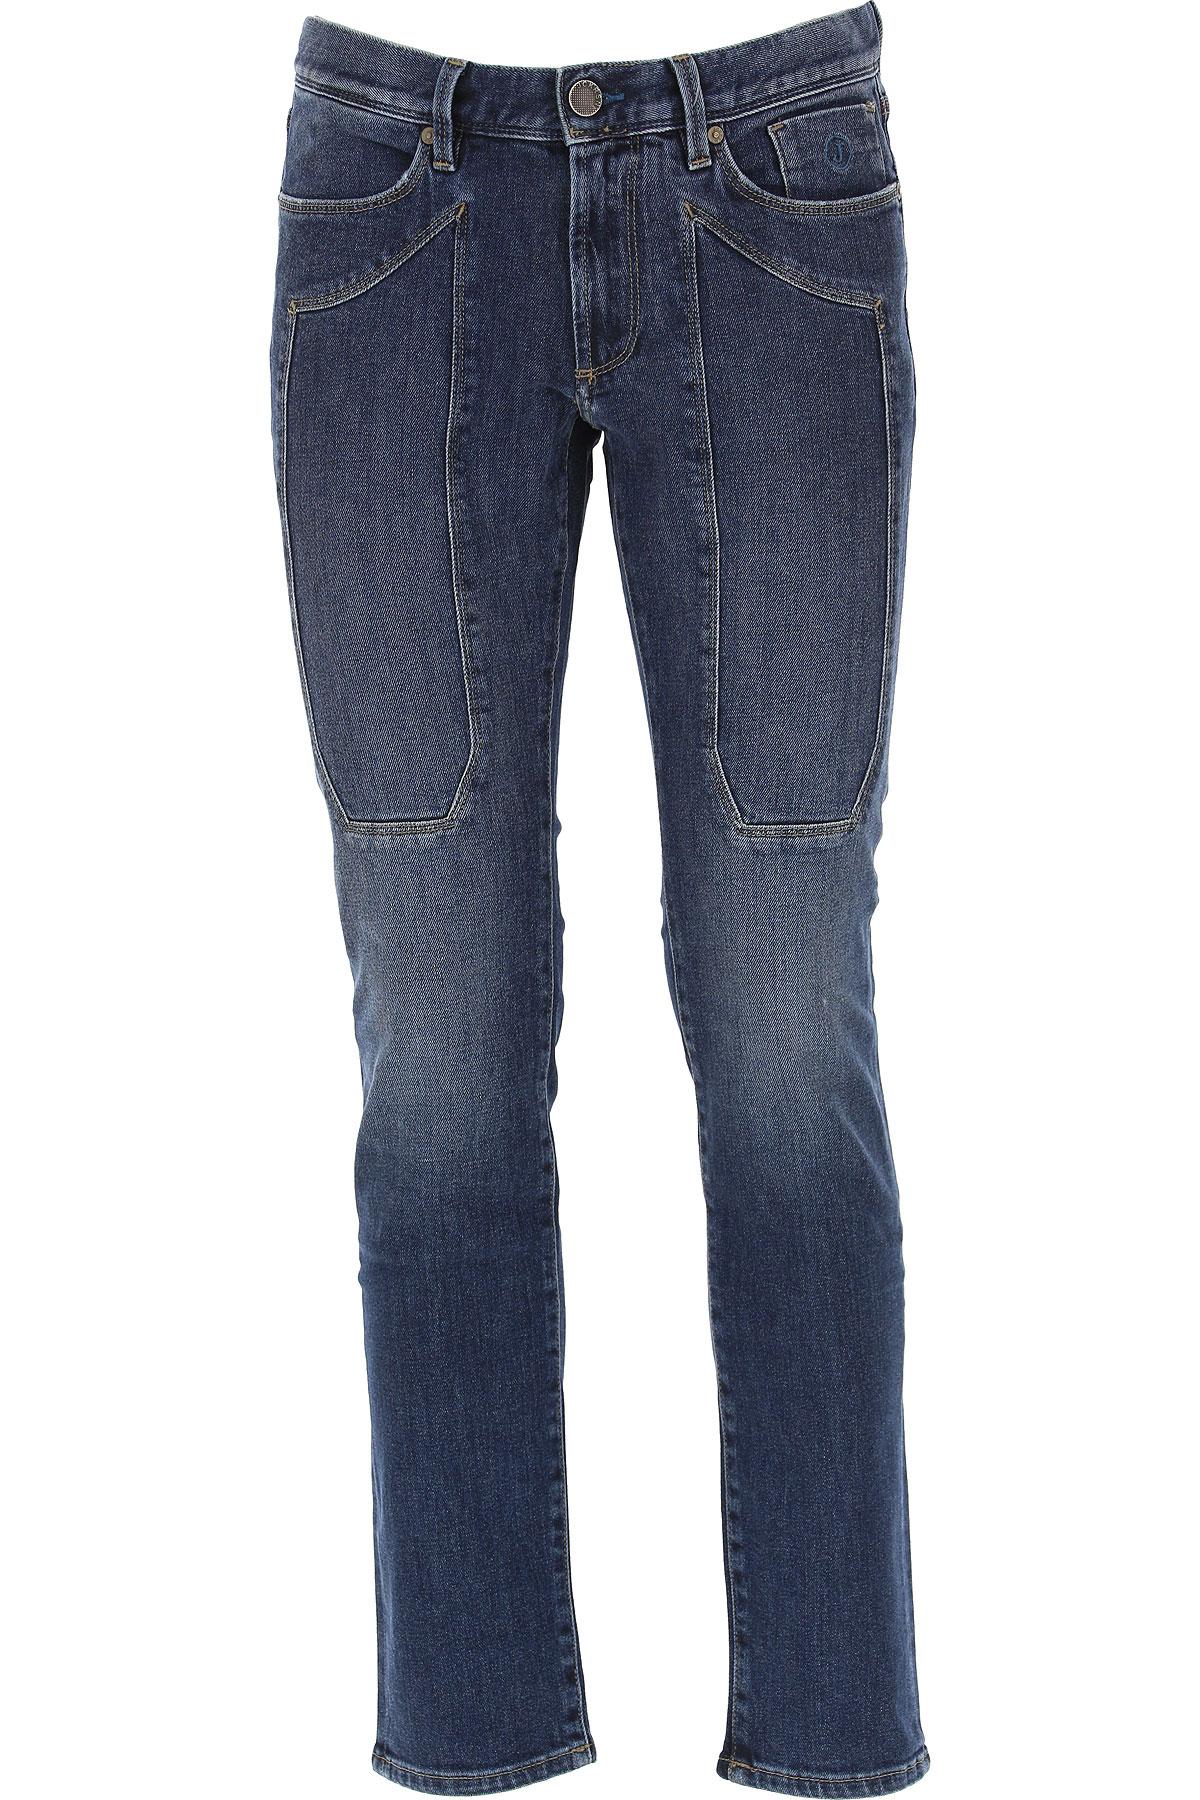 Jeckerson Jeans On Sale, Denim Blue, Cotton, 2019, 28 29 30 31 32 33 34 35 36 38